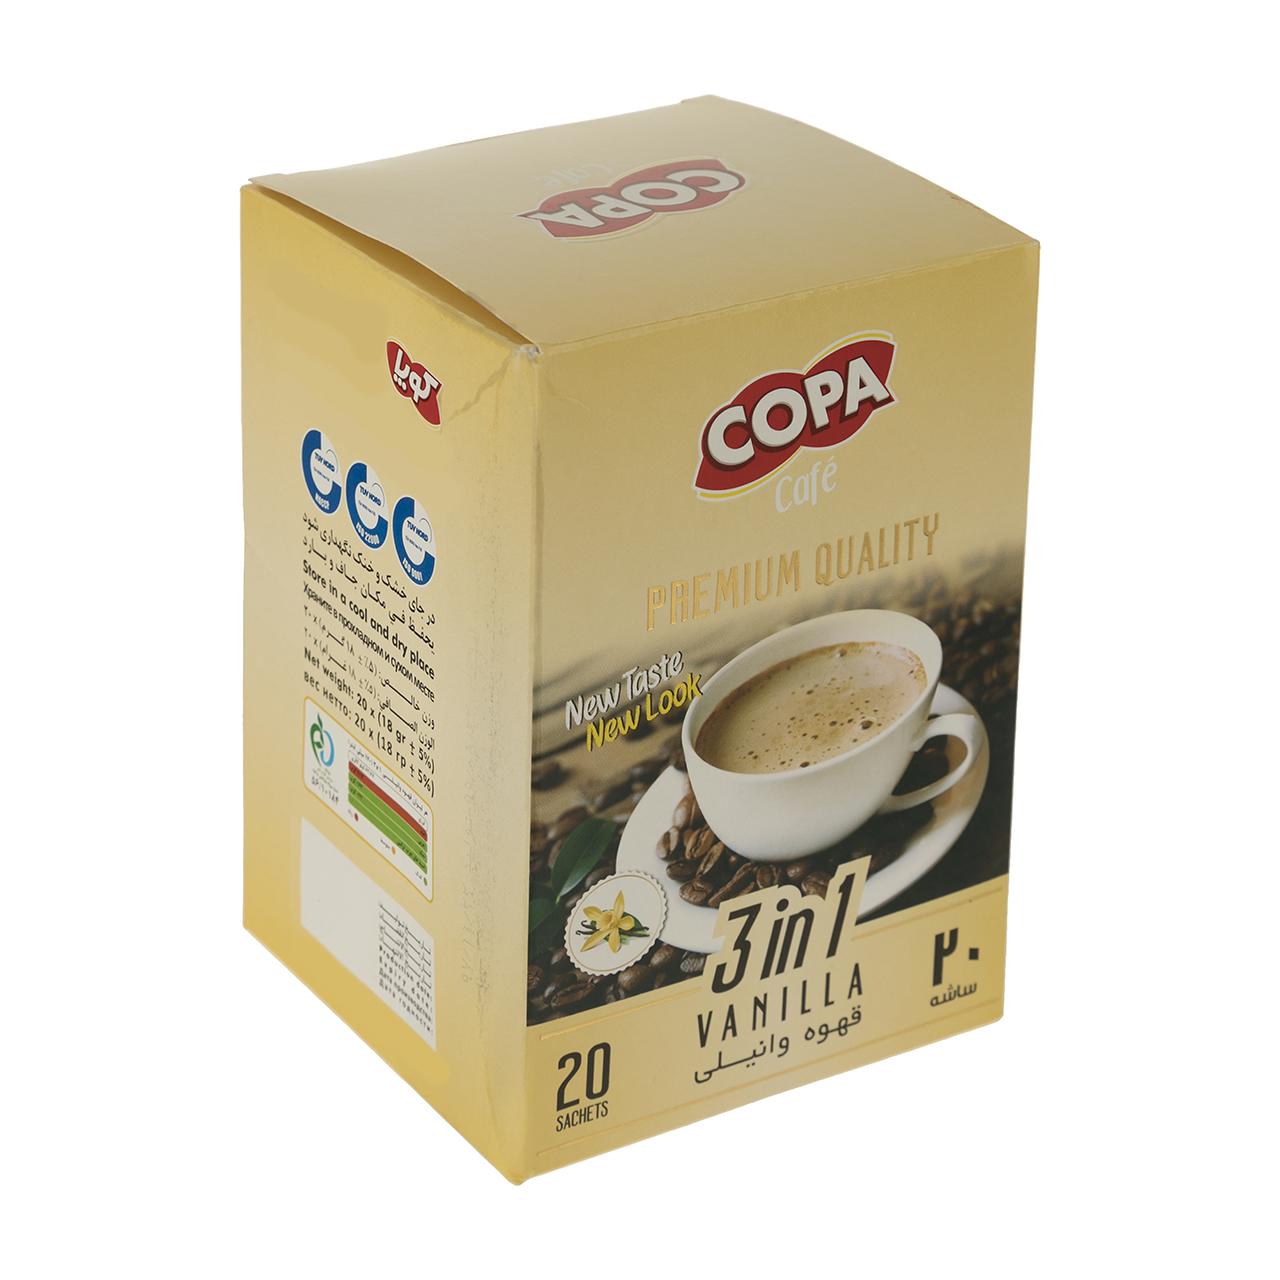 قهوه وانیلی کوپا مقدار 18 گرم بسته 20 عددی